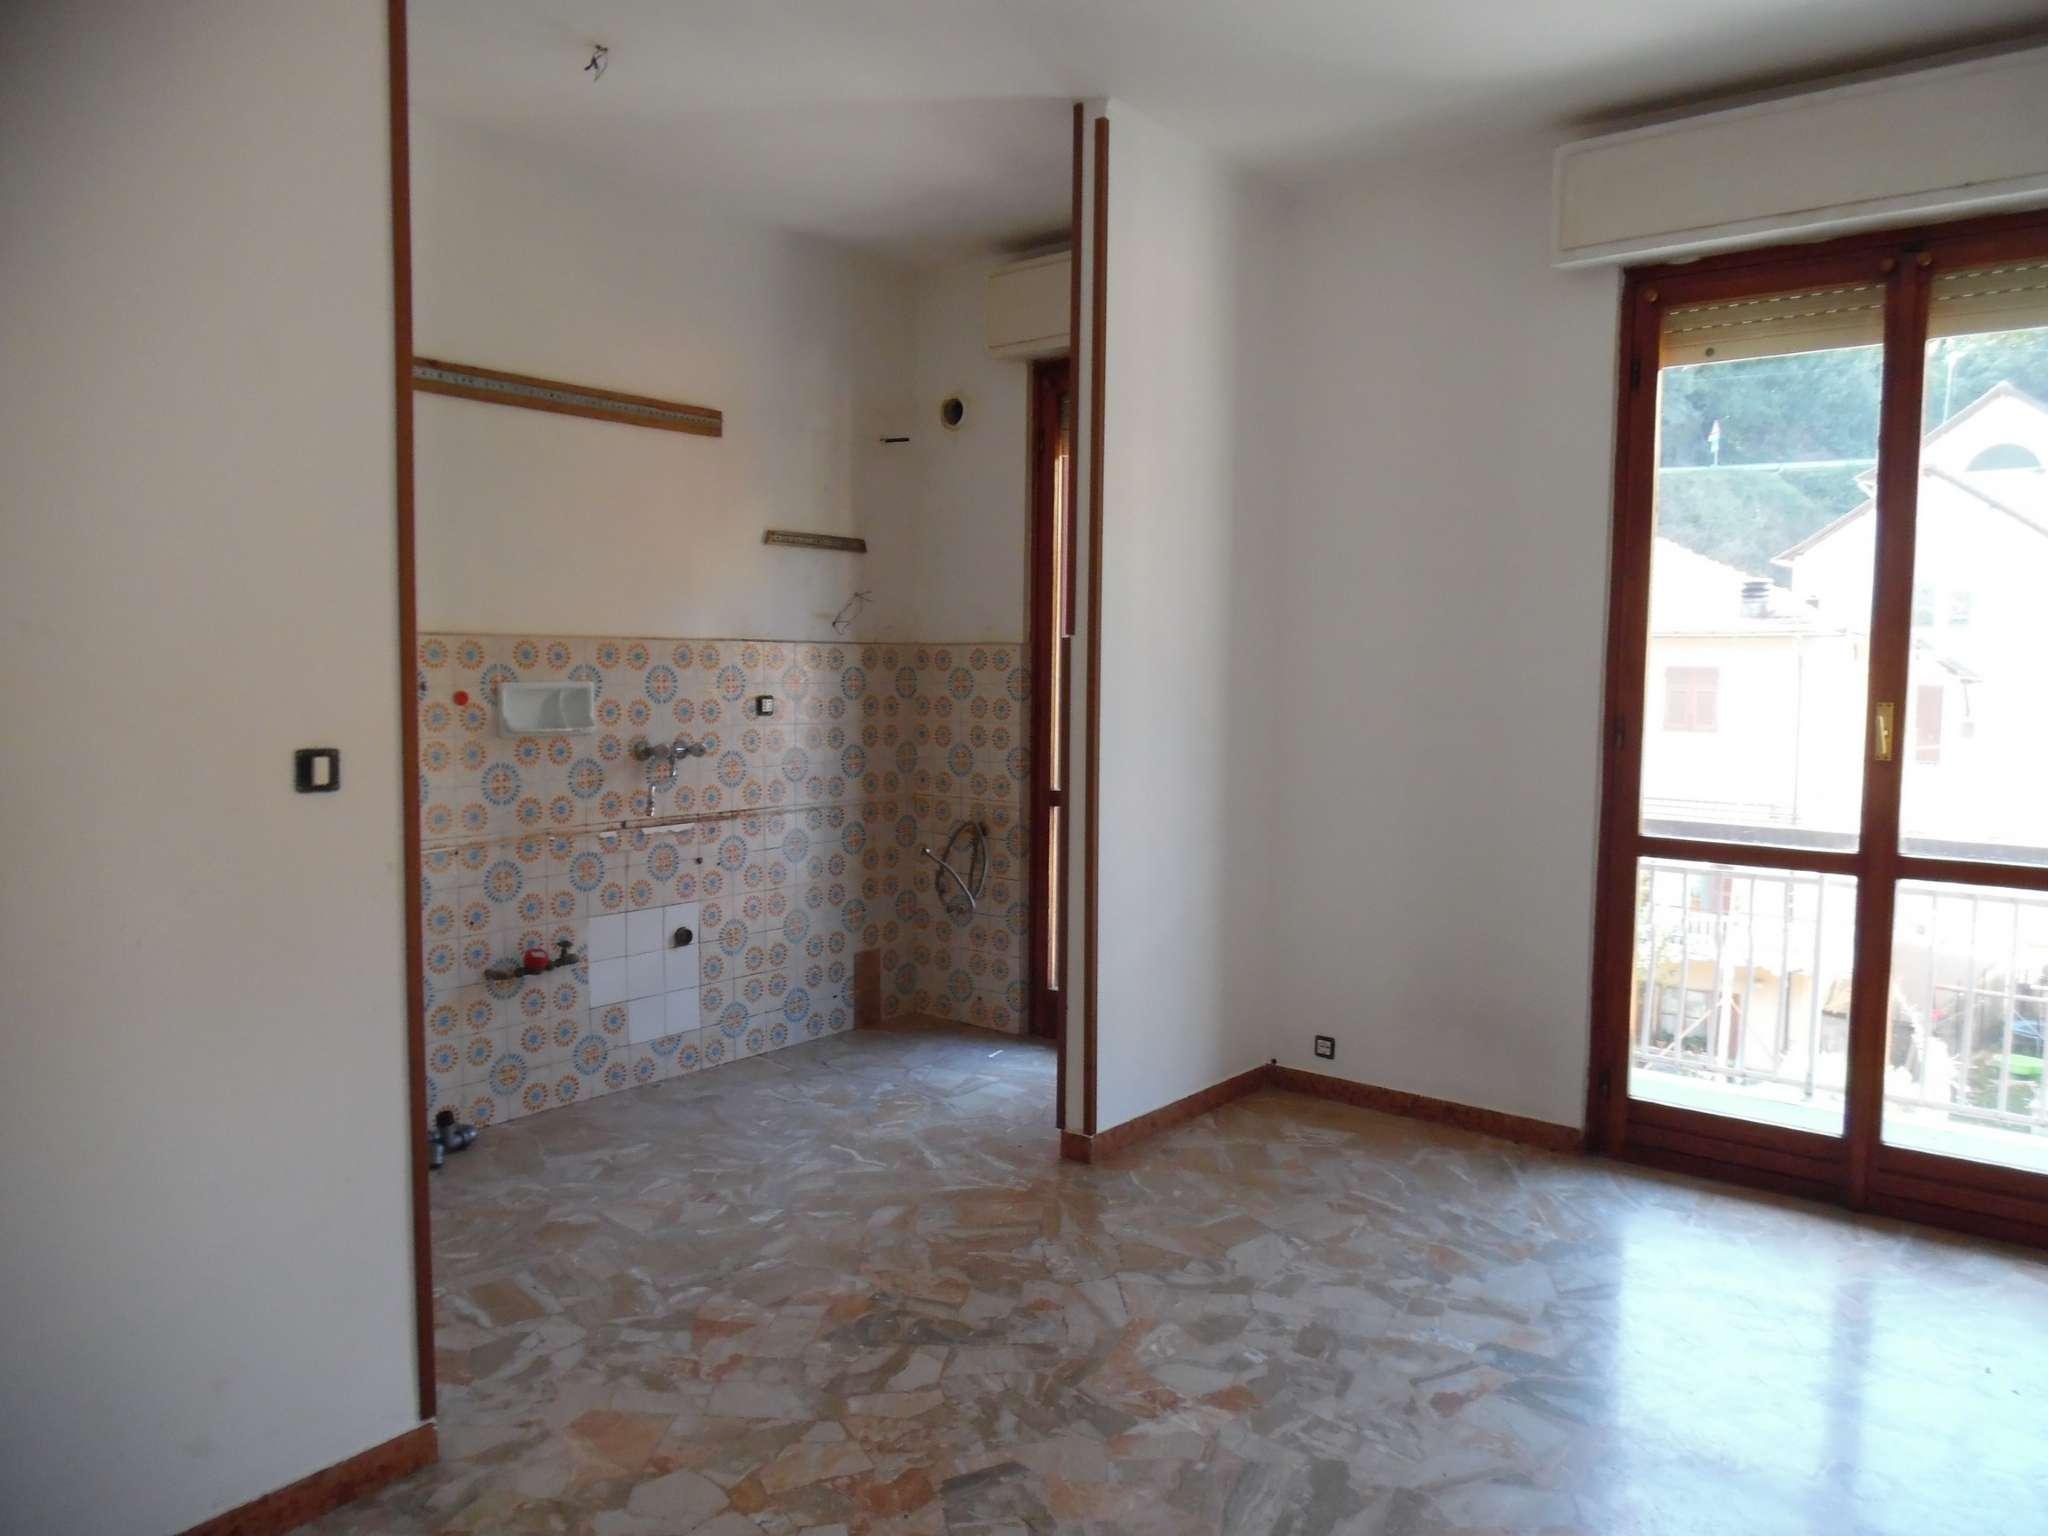 Appartamento in vendita a Ceranesi, 3 locali, prezzo € 70.000 | CambioCasa.it